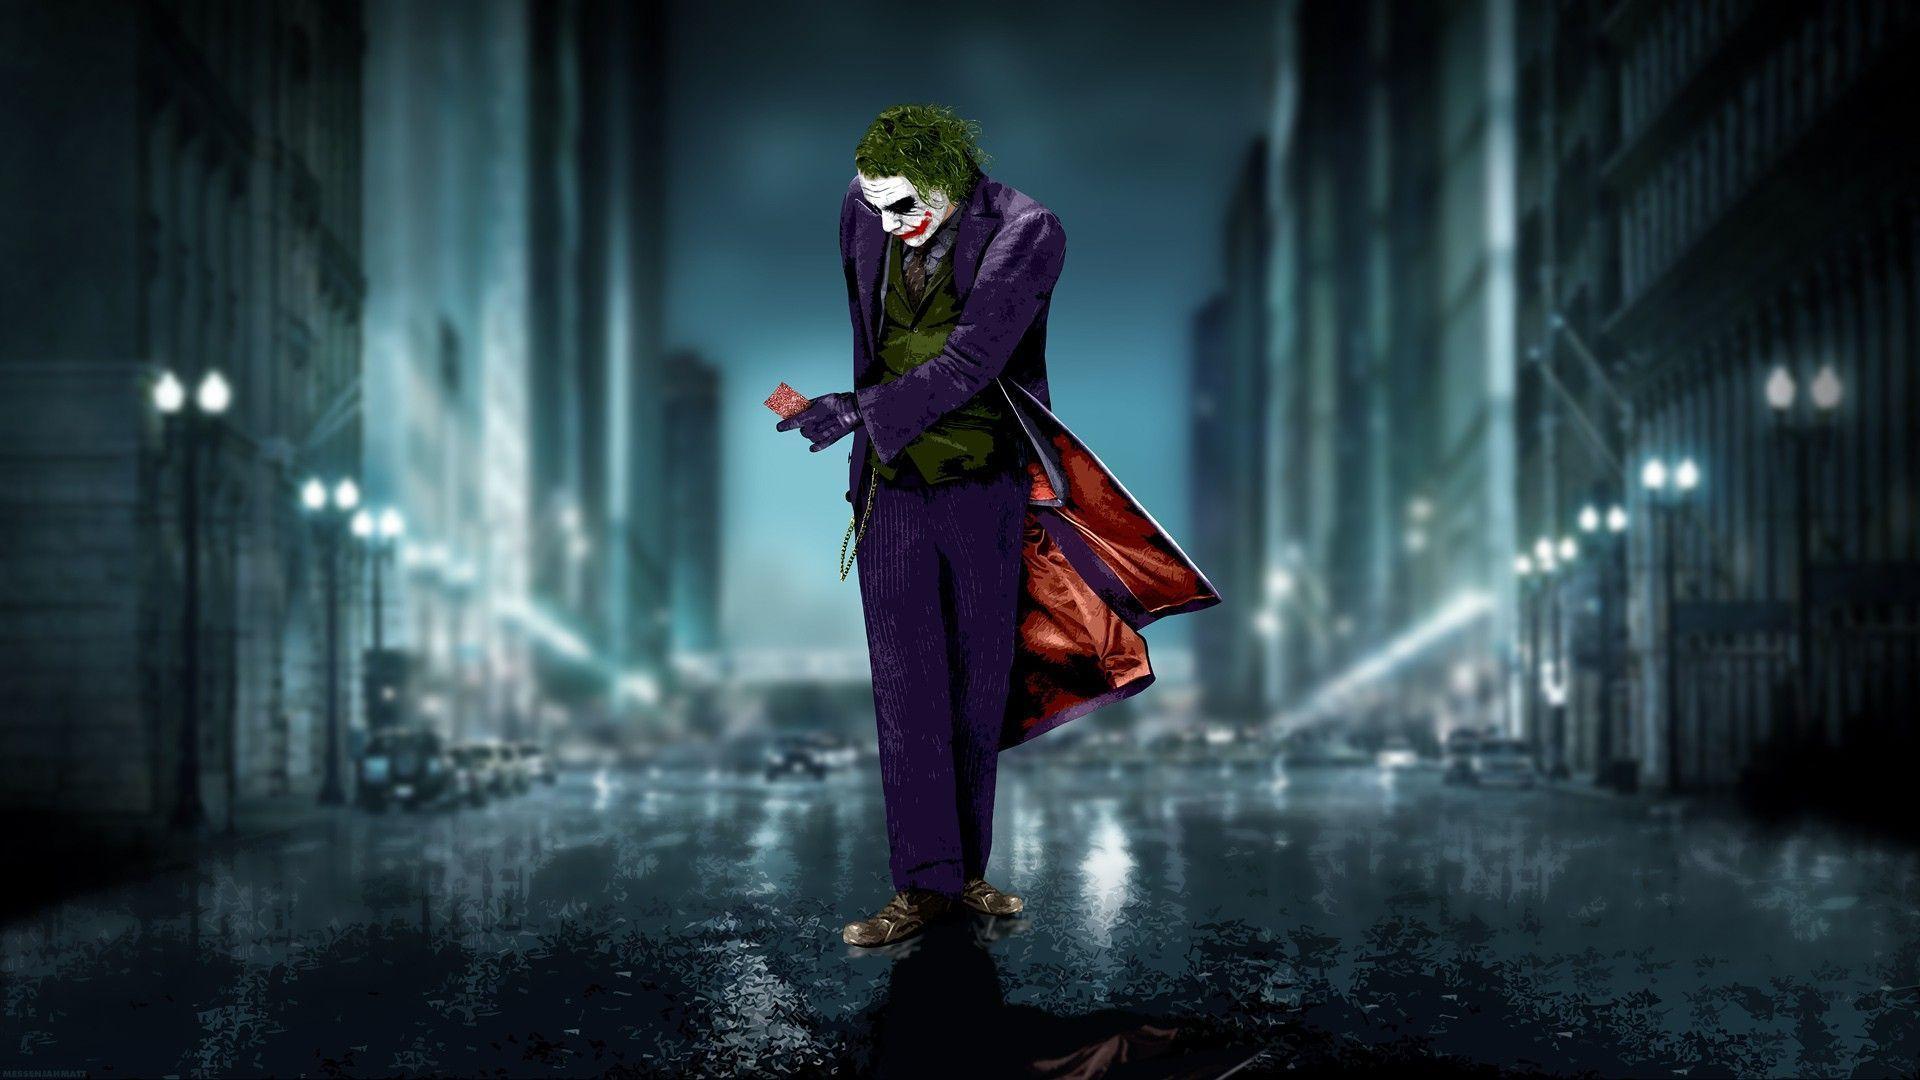 Hd wallpaper of joker - Hd Wallpaper